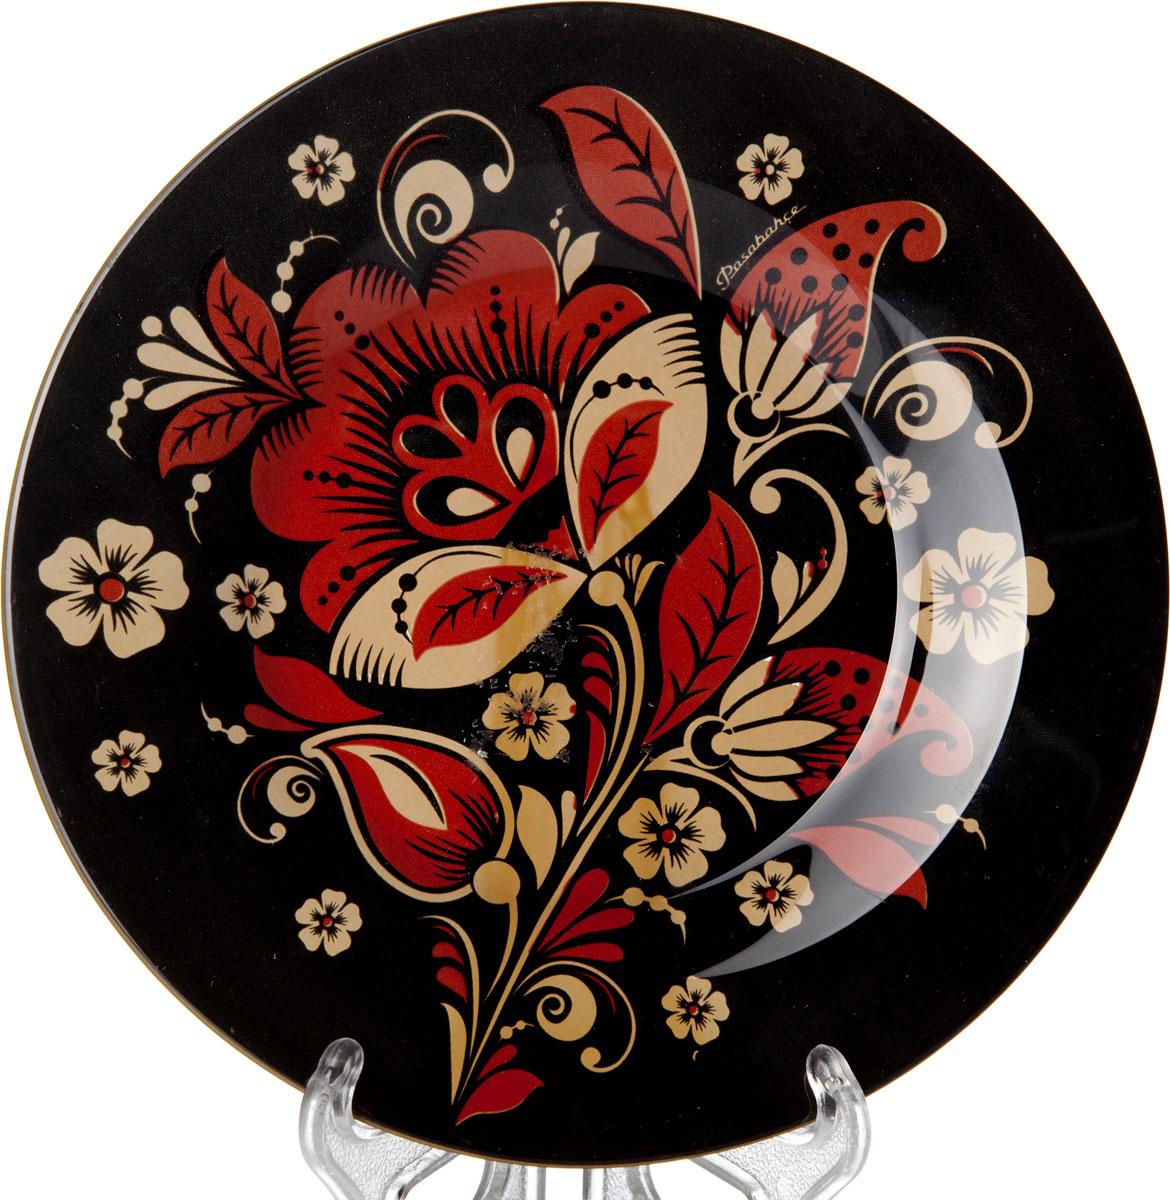 Тарелка Pasabahce Хохлома, диаметр 19,5 см10327SLBD34Тарелка Pasabahce Хохлома выполнена из качественного стекла и украшена рисунком хохлома. Тарелка прекрасно подойдет в качестве сервировочногоблюда для фруктов, десертов, закусок, торта и другого.Изящная тарелка прекрасно оформит праздничный стол и порадует вас и ваших гостей изысканным дизайном и формой. Диаметр тарелки: 19,5 см.